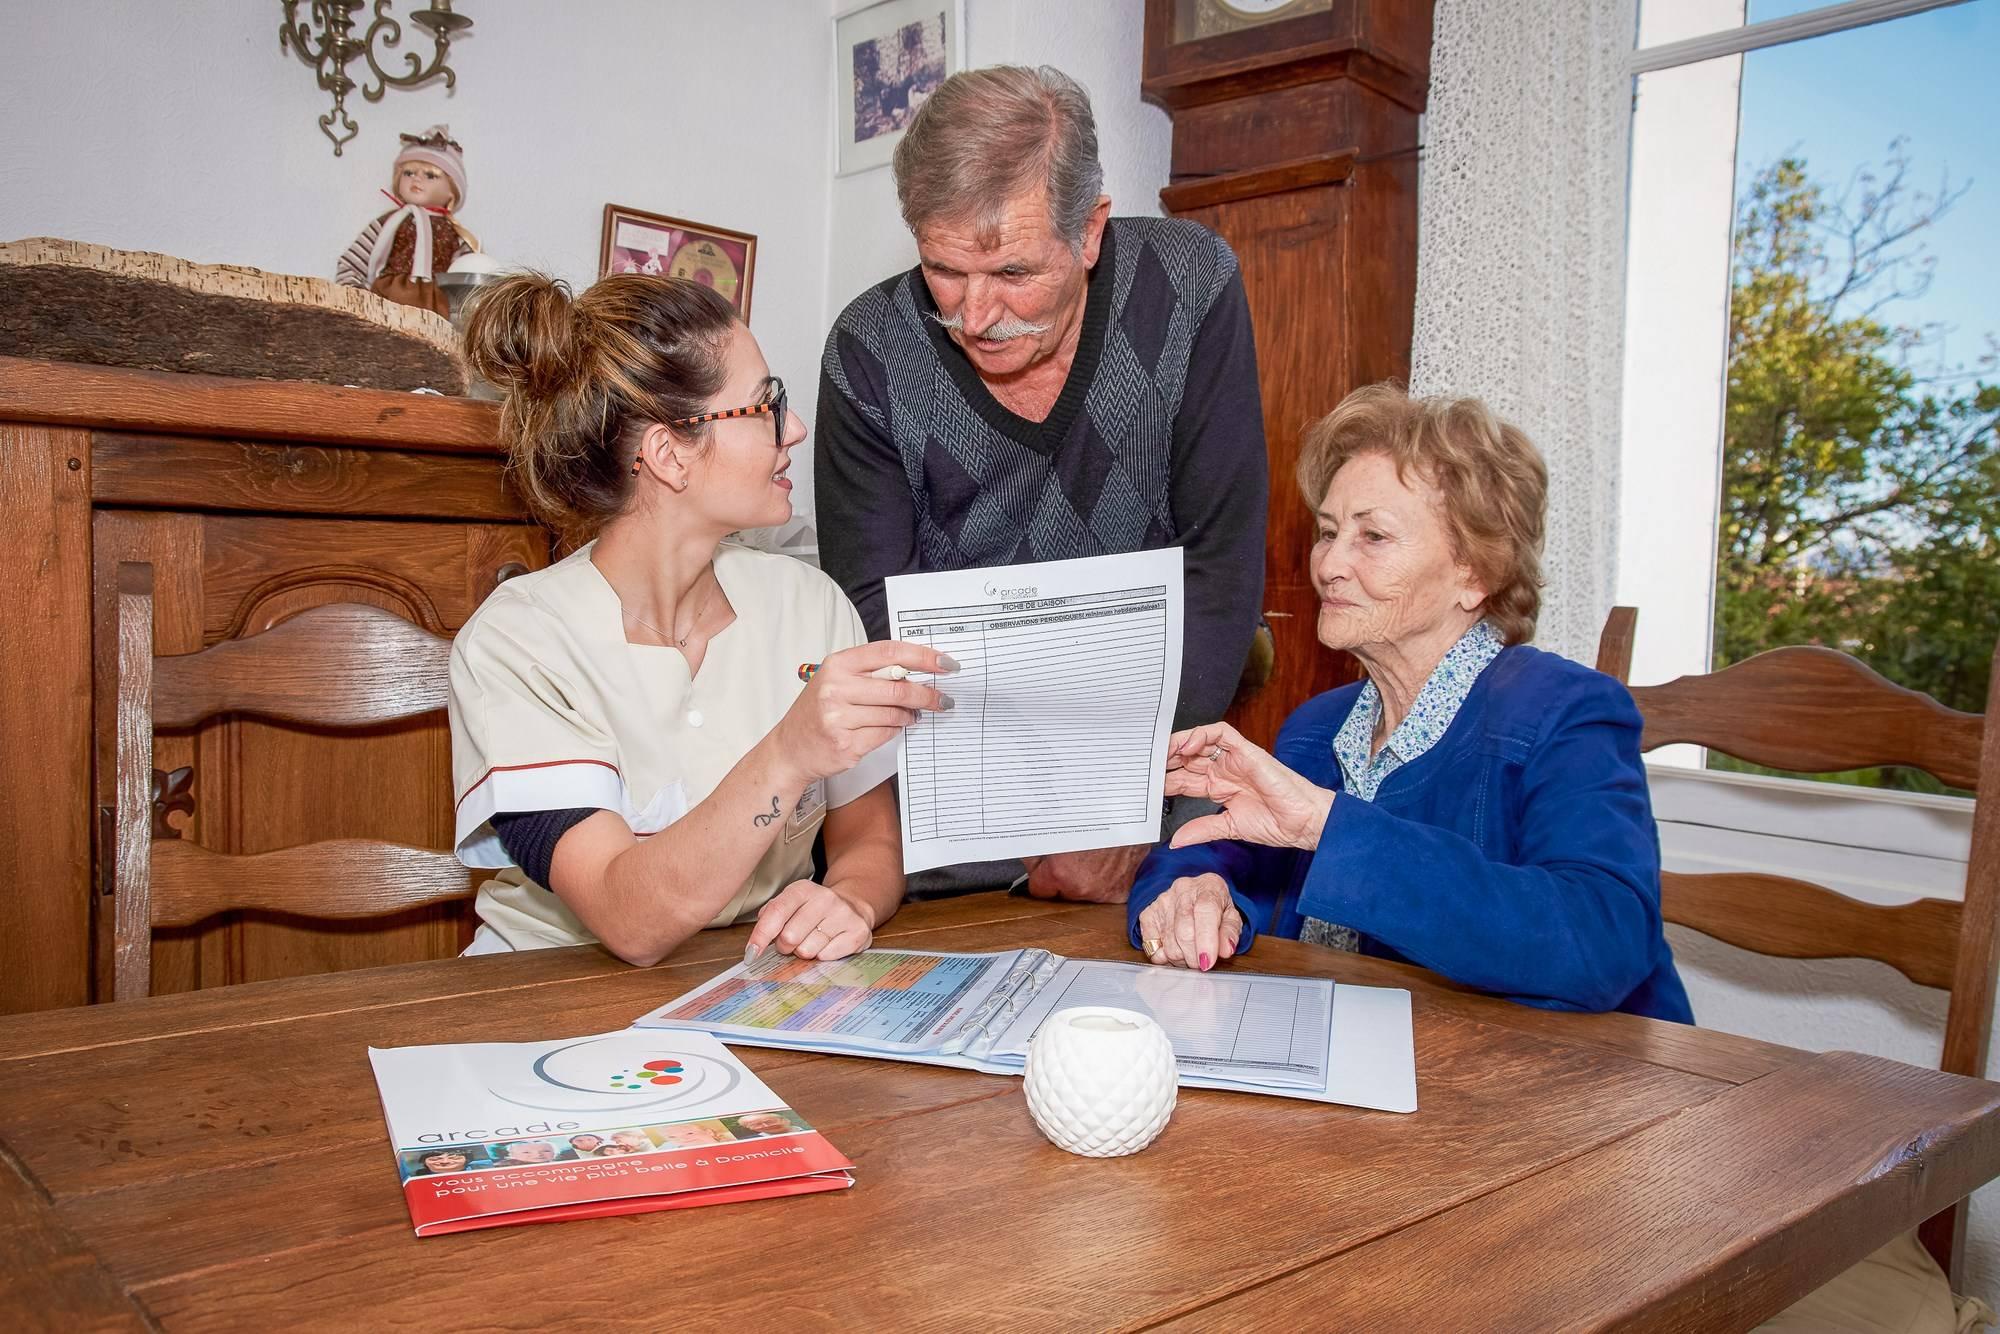 Les services d'aide à domicile en mode mandataire